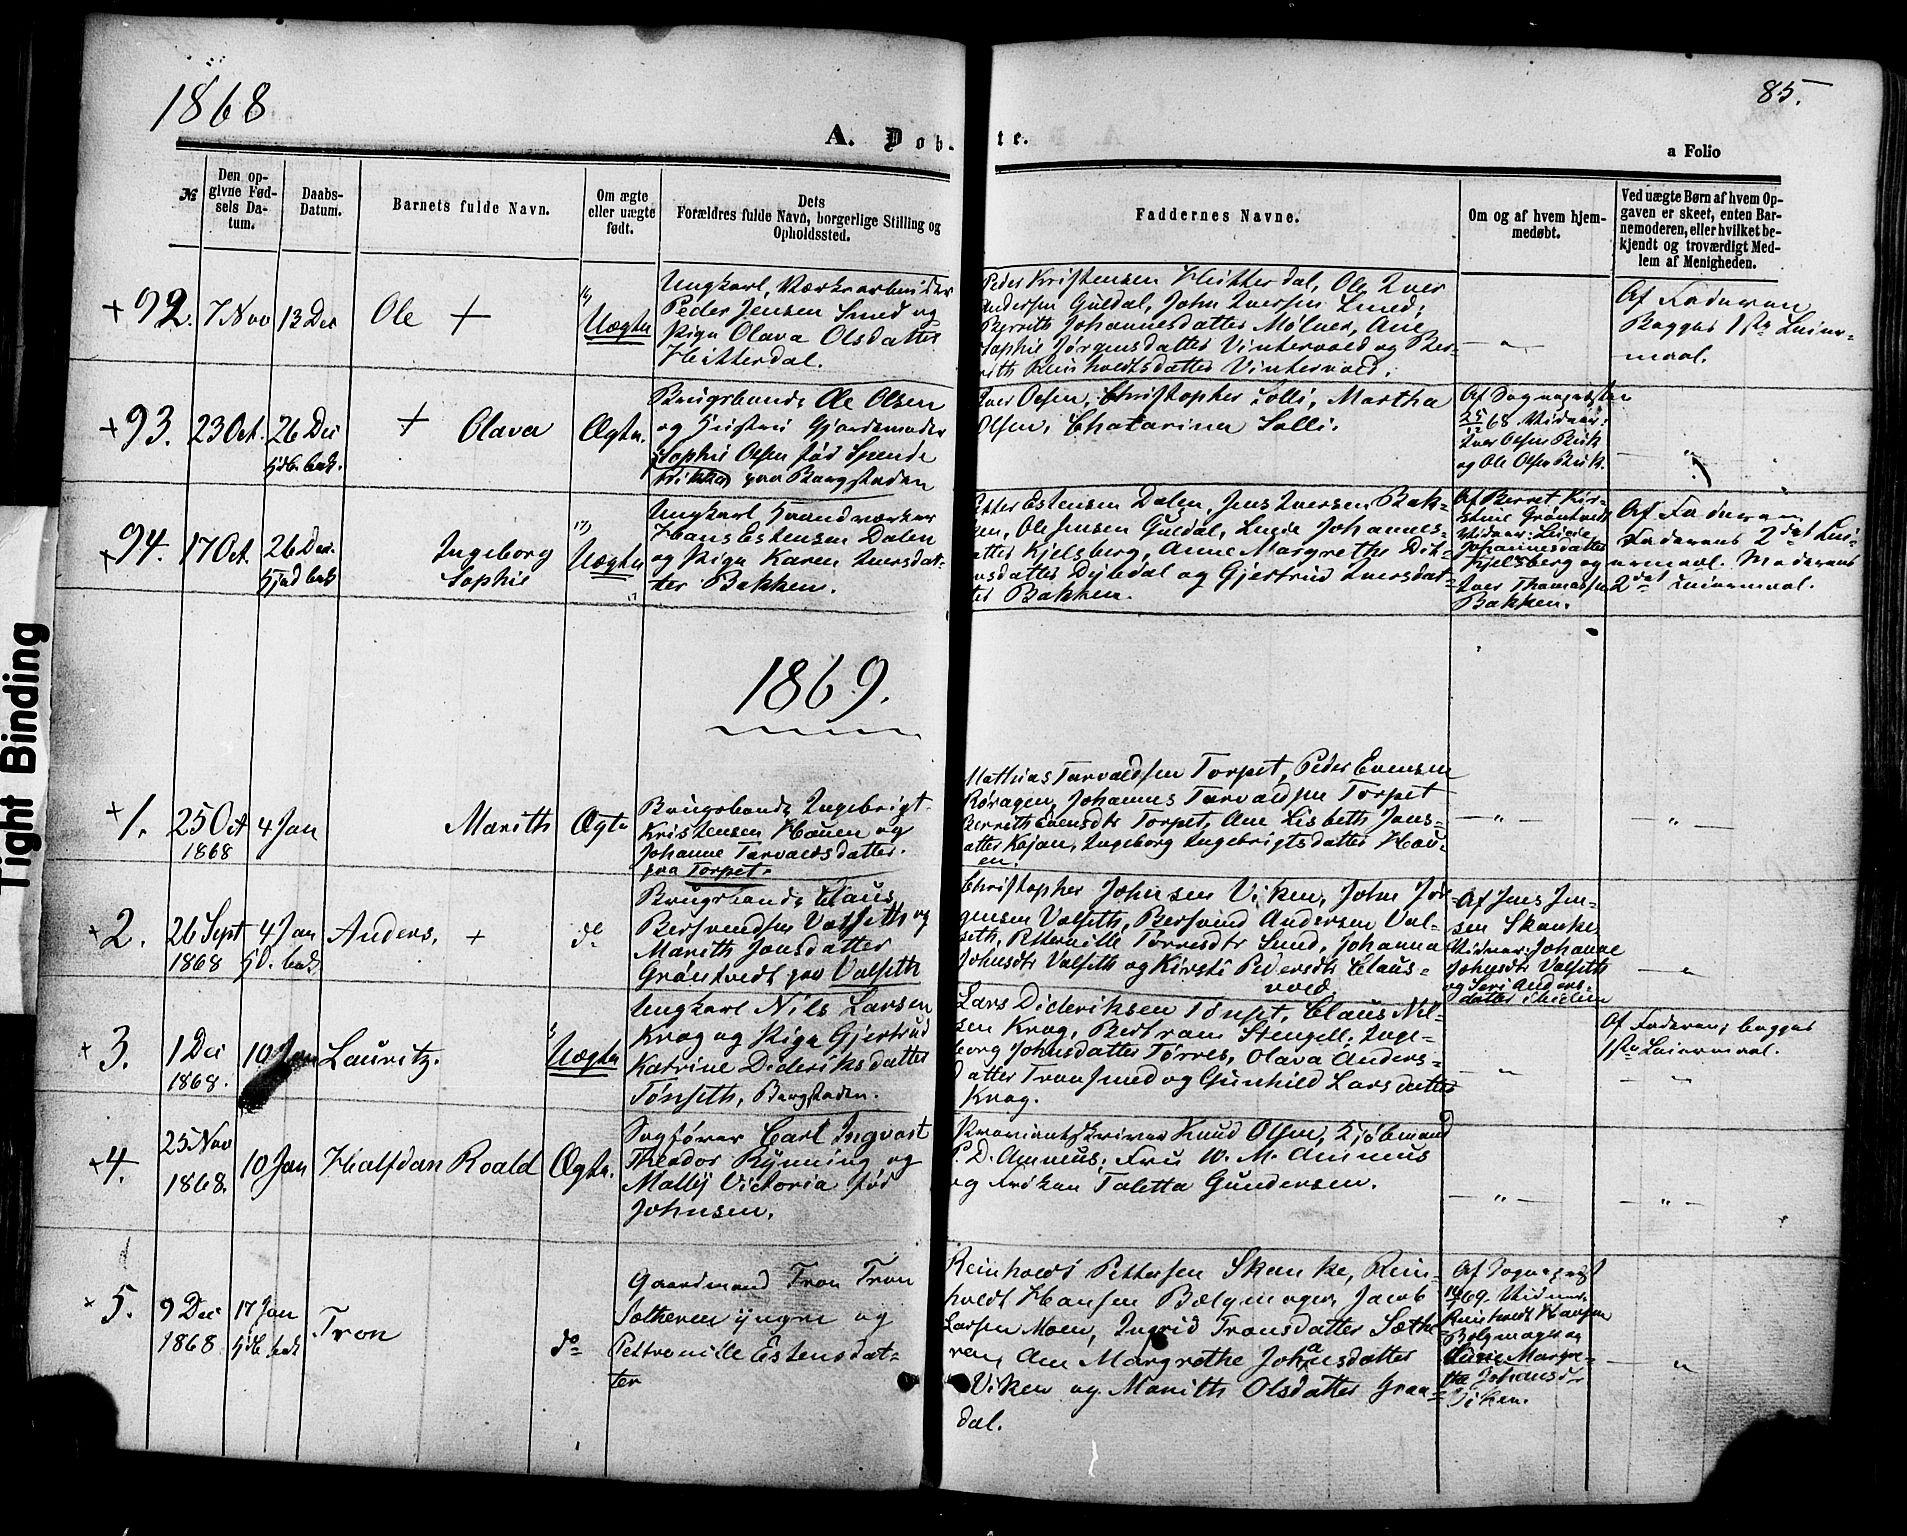 SAT, Ministerialprotokoller, klokkerbøker og fødselsregistre - Sør-Trøndelag, 681/L0932: Ministerialbok nr. 681A10, 1860-1878, s. 85